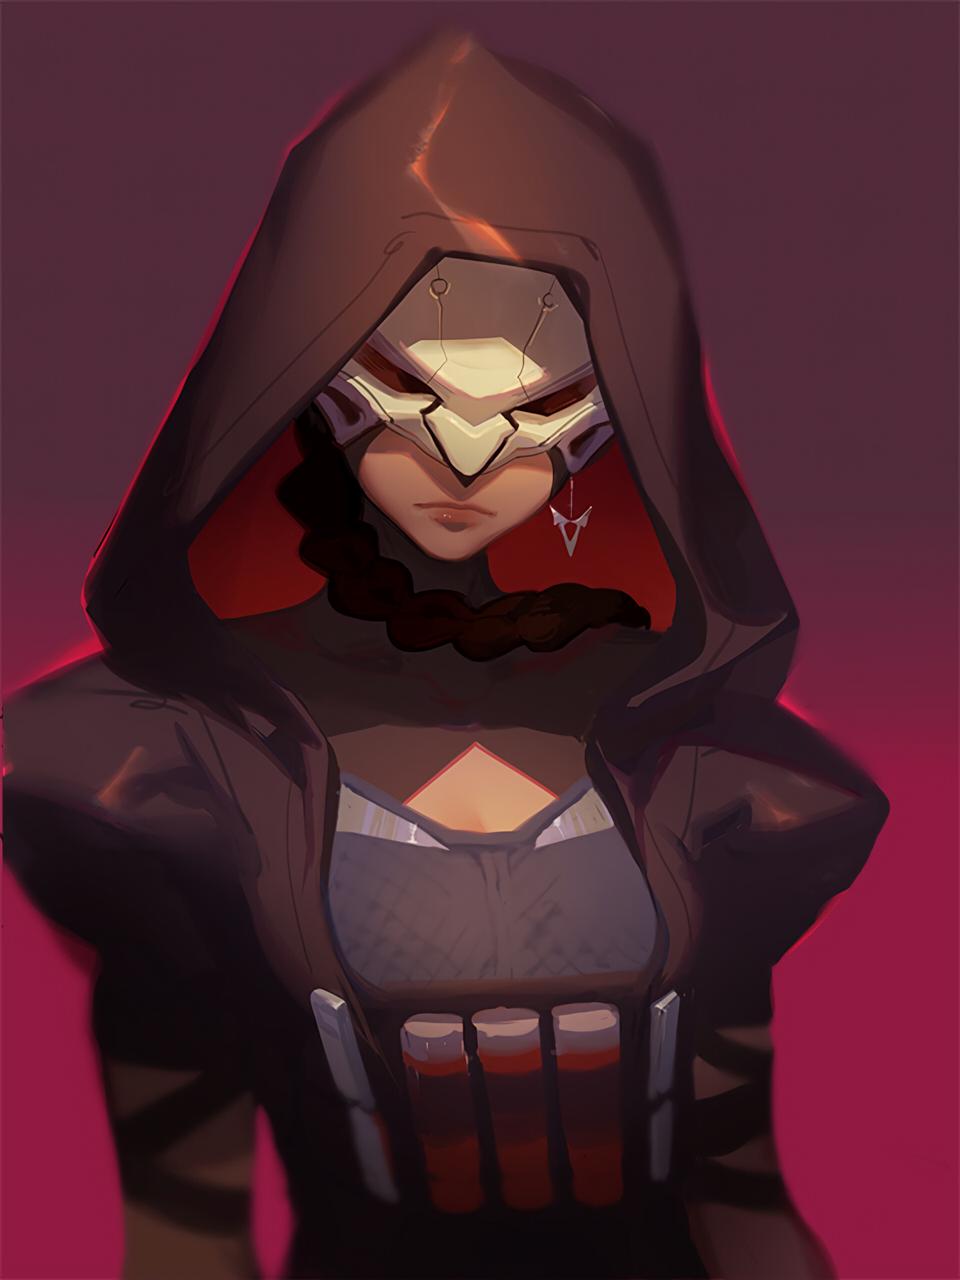 Reaper Overwatch Mobile Wallpaper 2043470 Zerochan